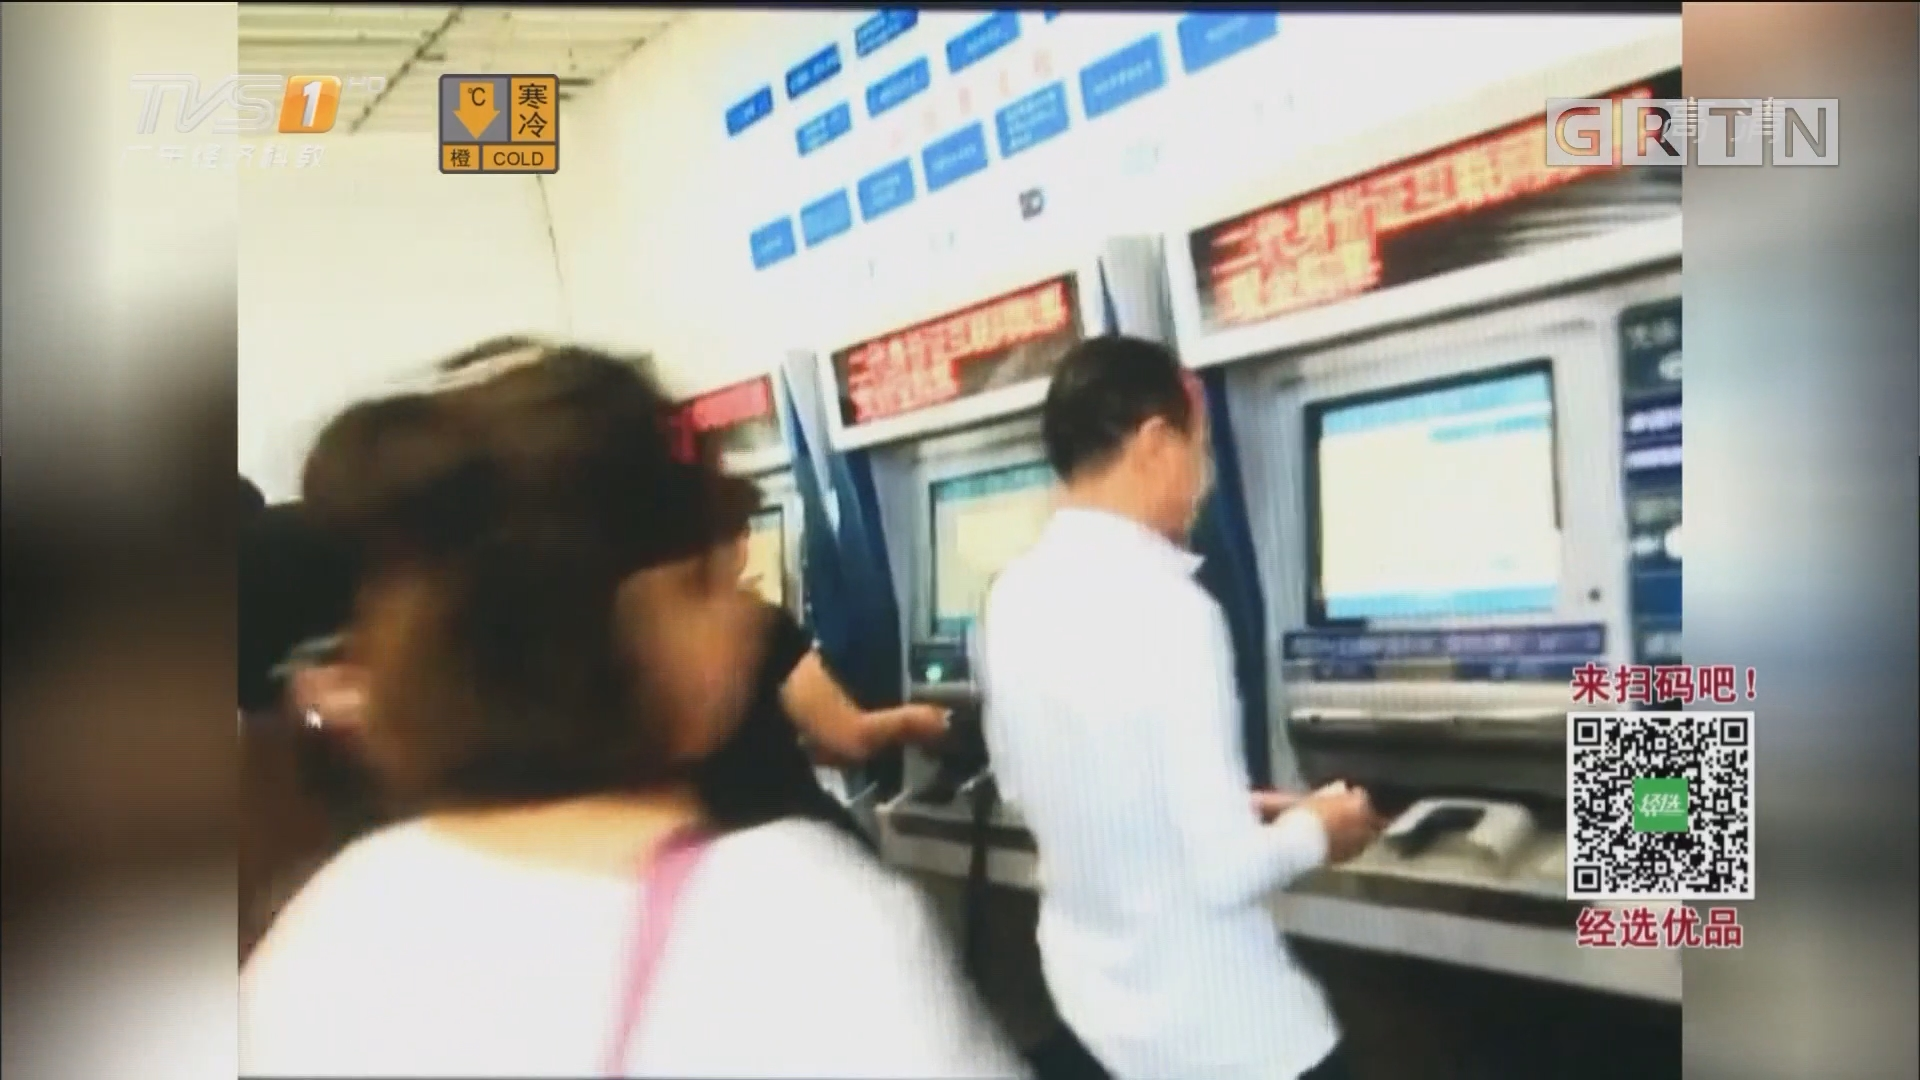 最新骗局:编造假乘车短信欺骗乘客